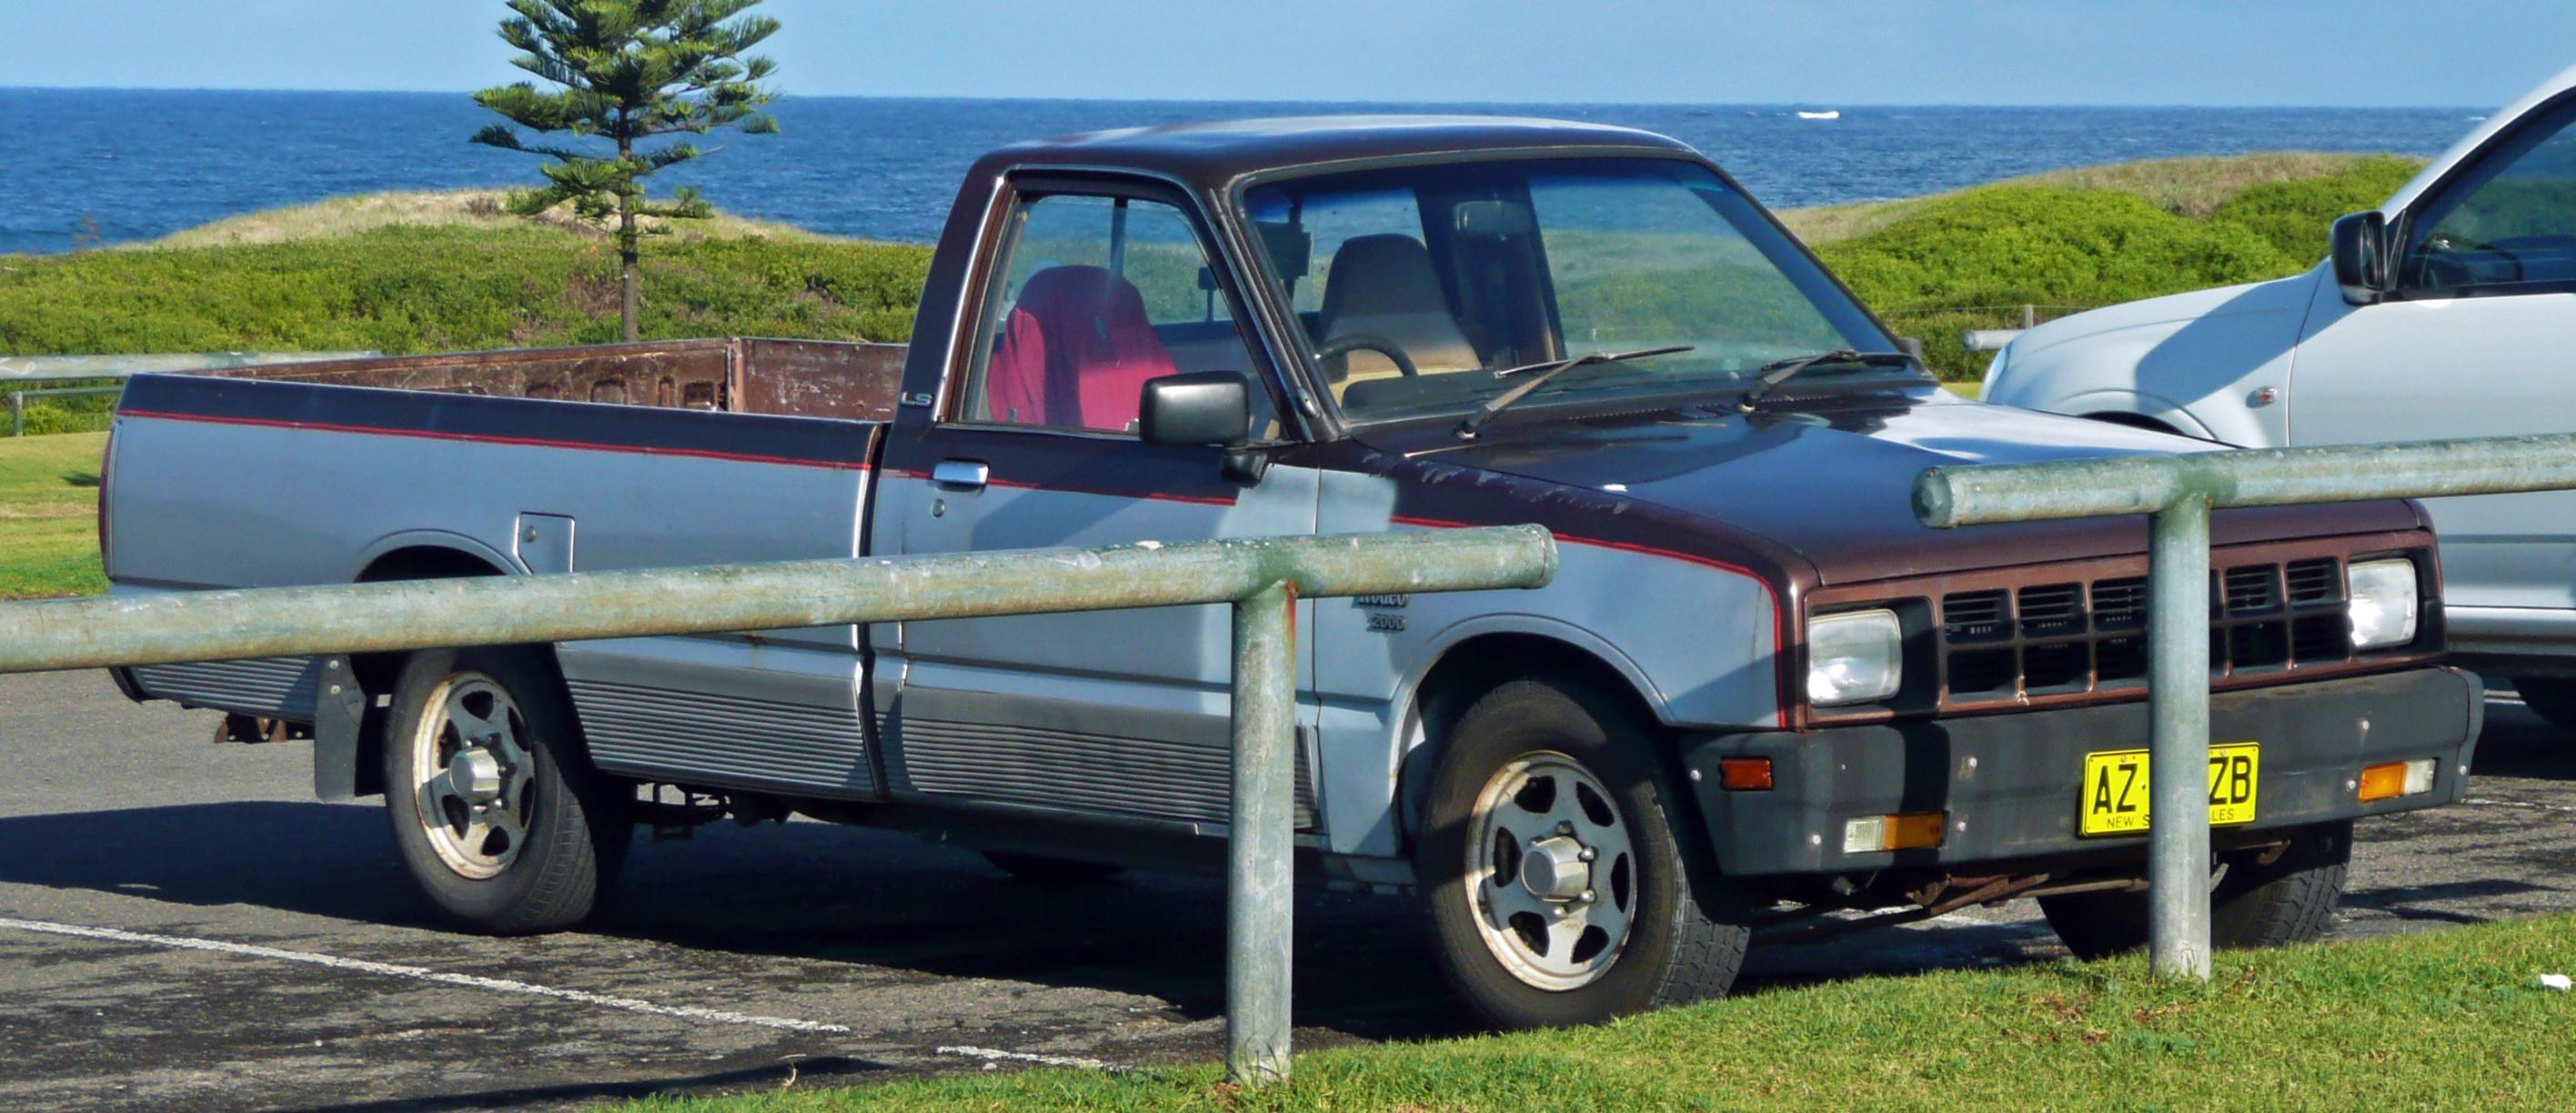 File:1985 Holden Rodeo (KB28) LS 2-door utility (2010-